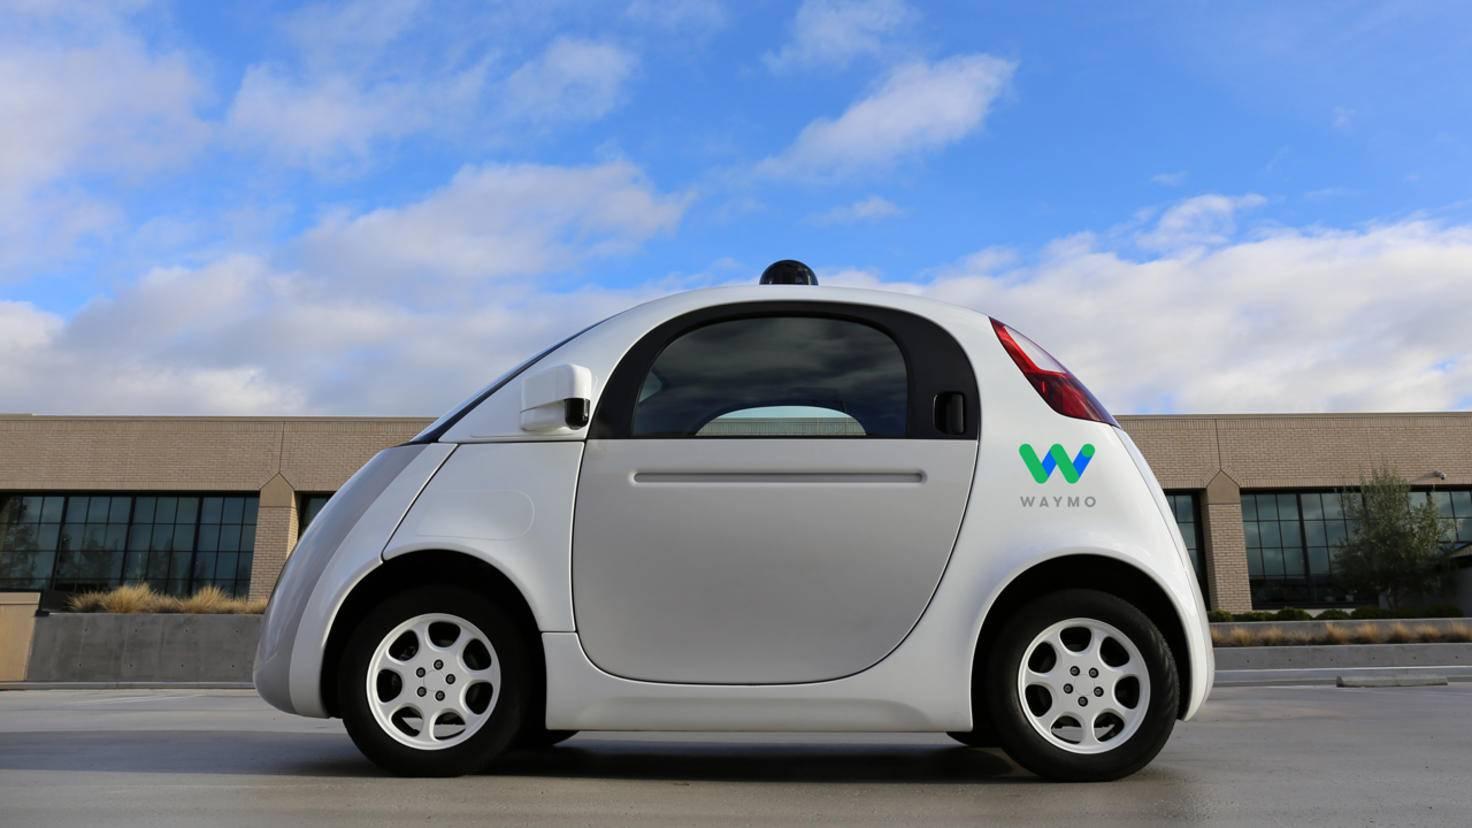 Google Car Waymo Firefly